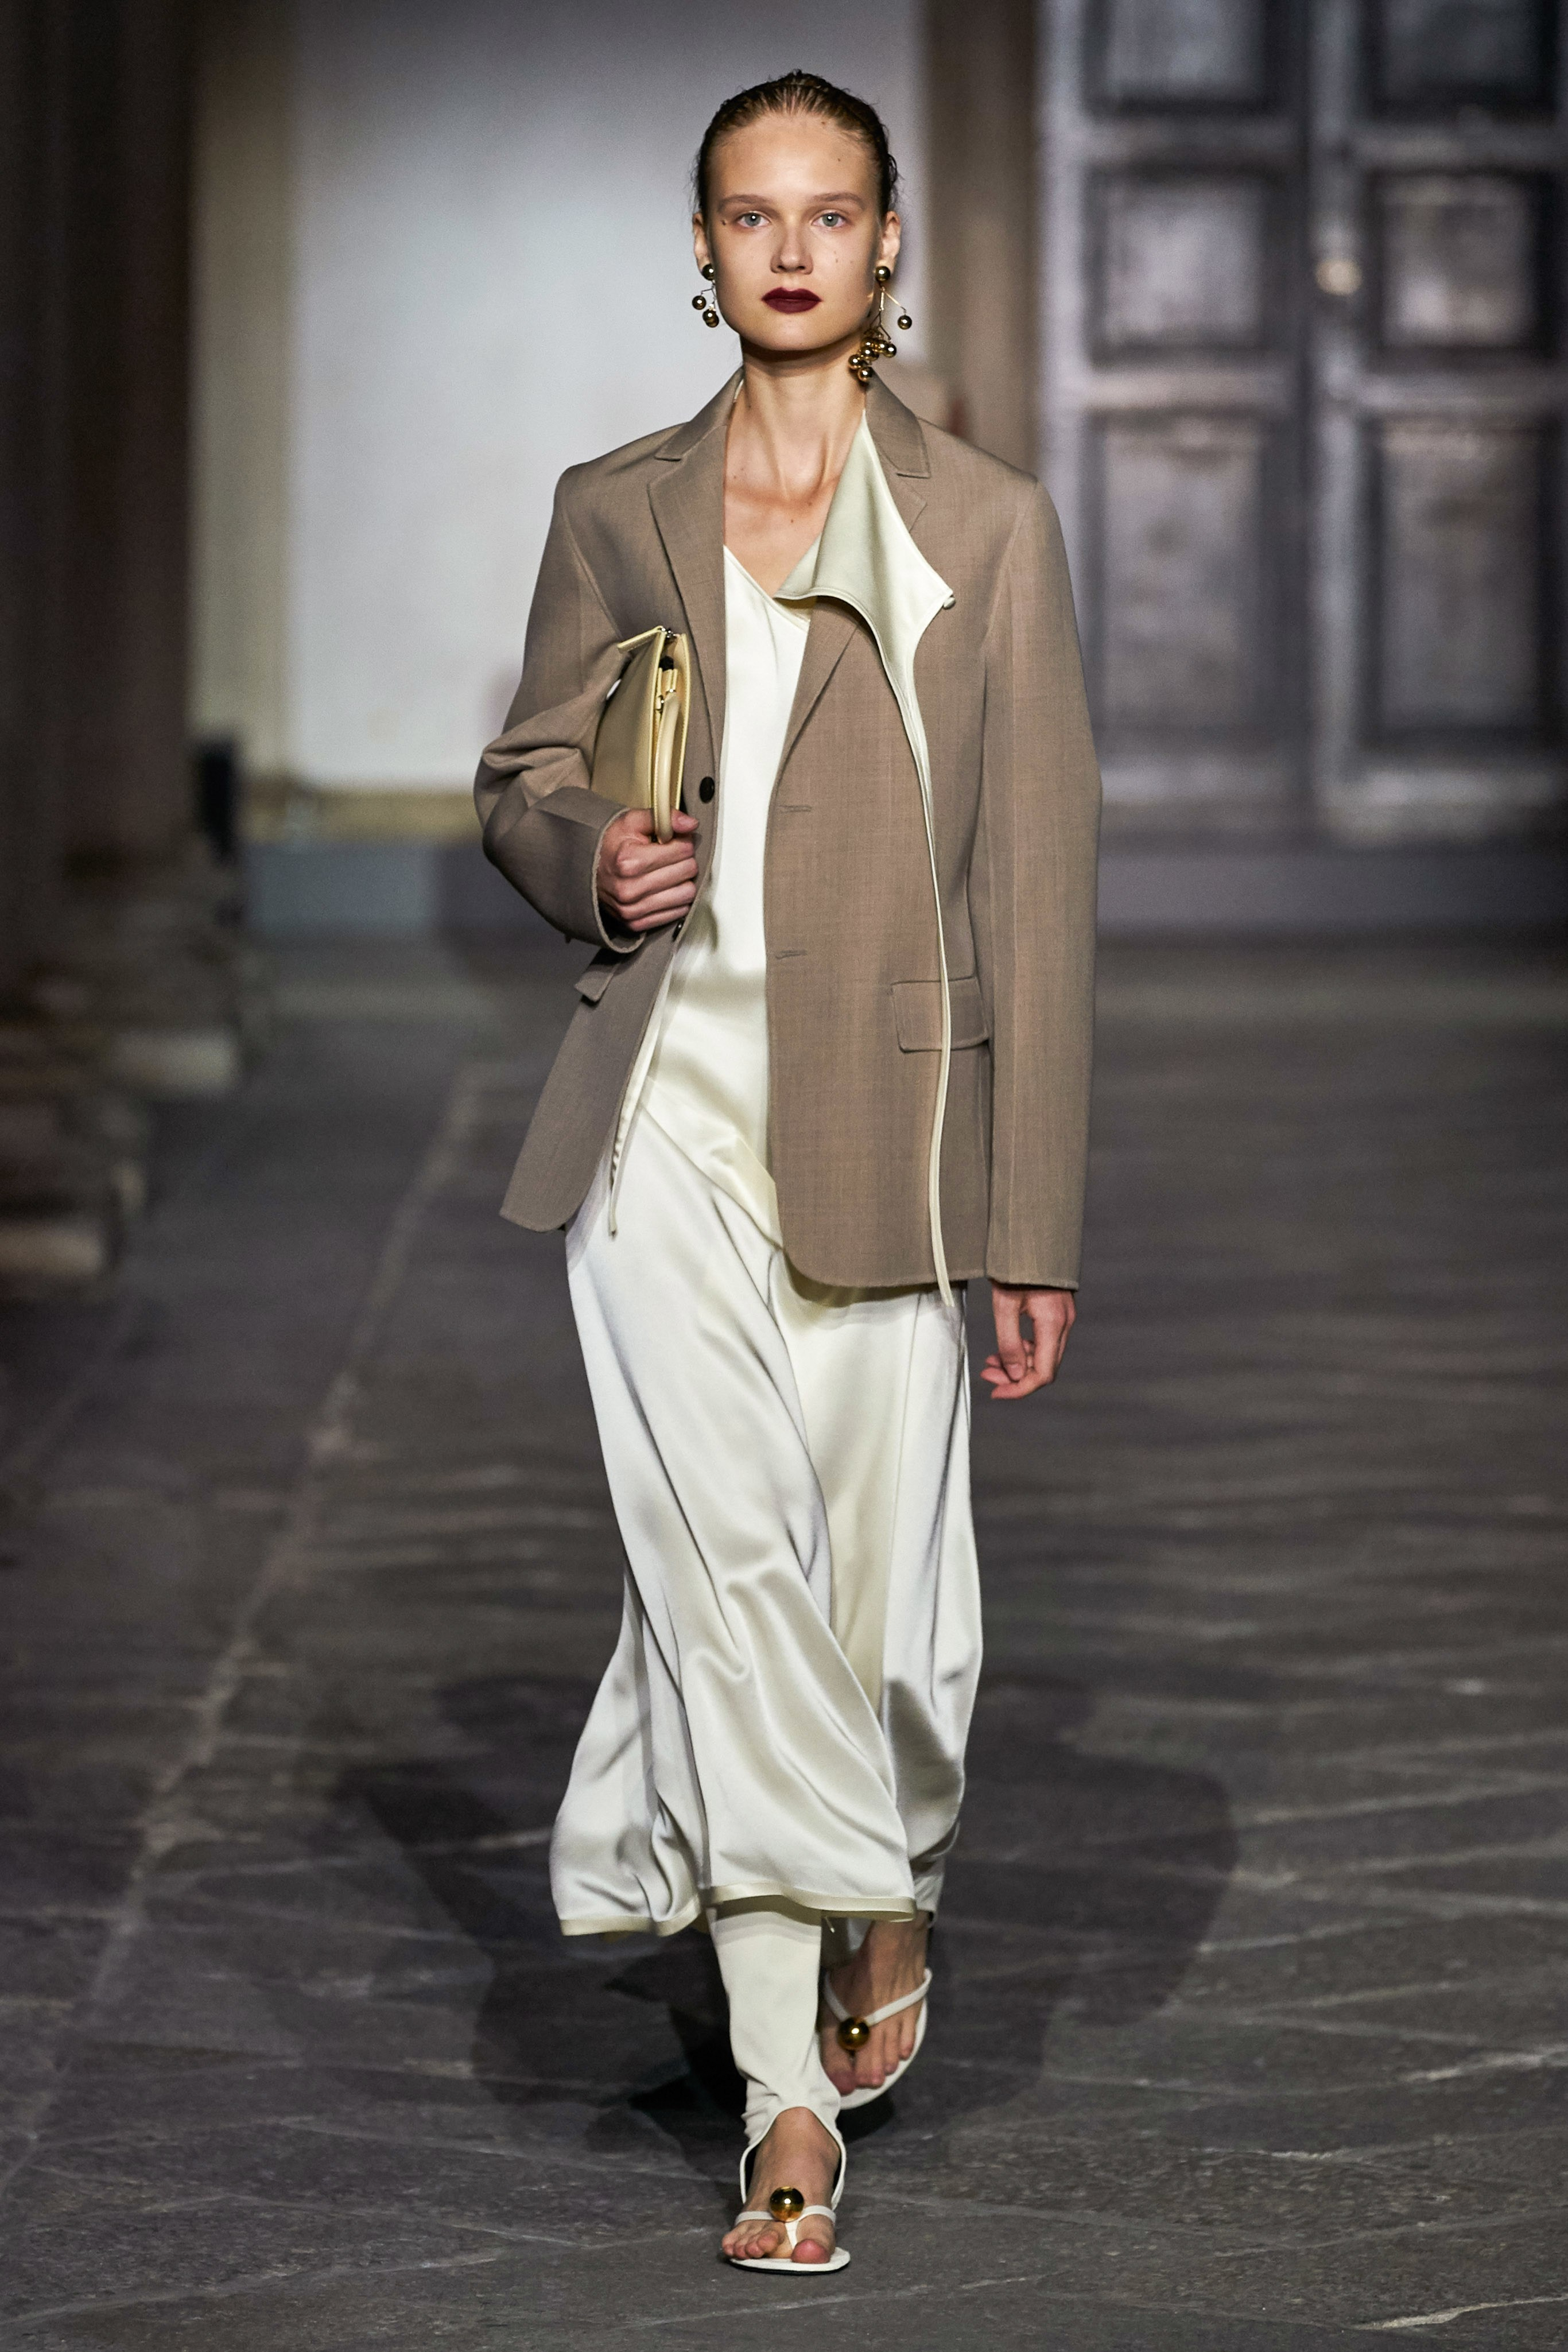 đầm và áo blazer nâu jil sander xuân hè 2020